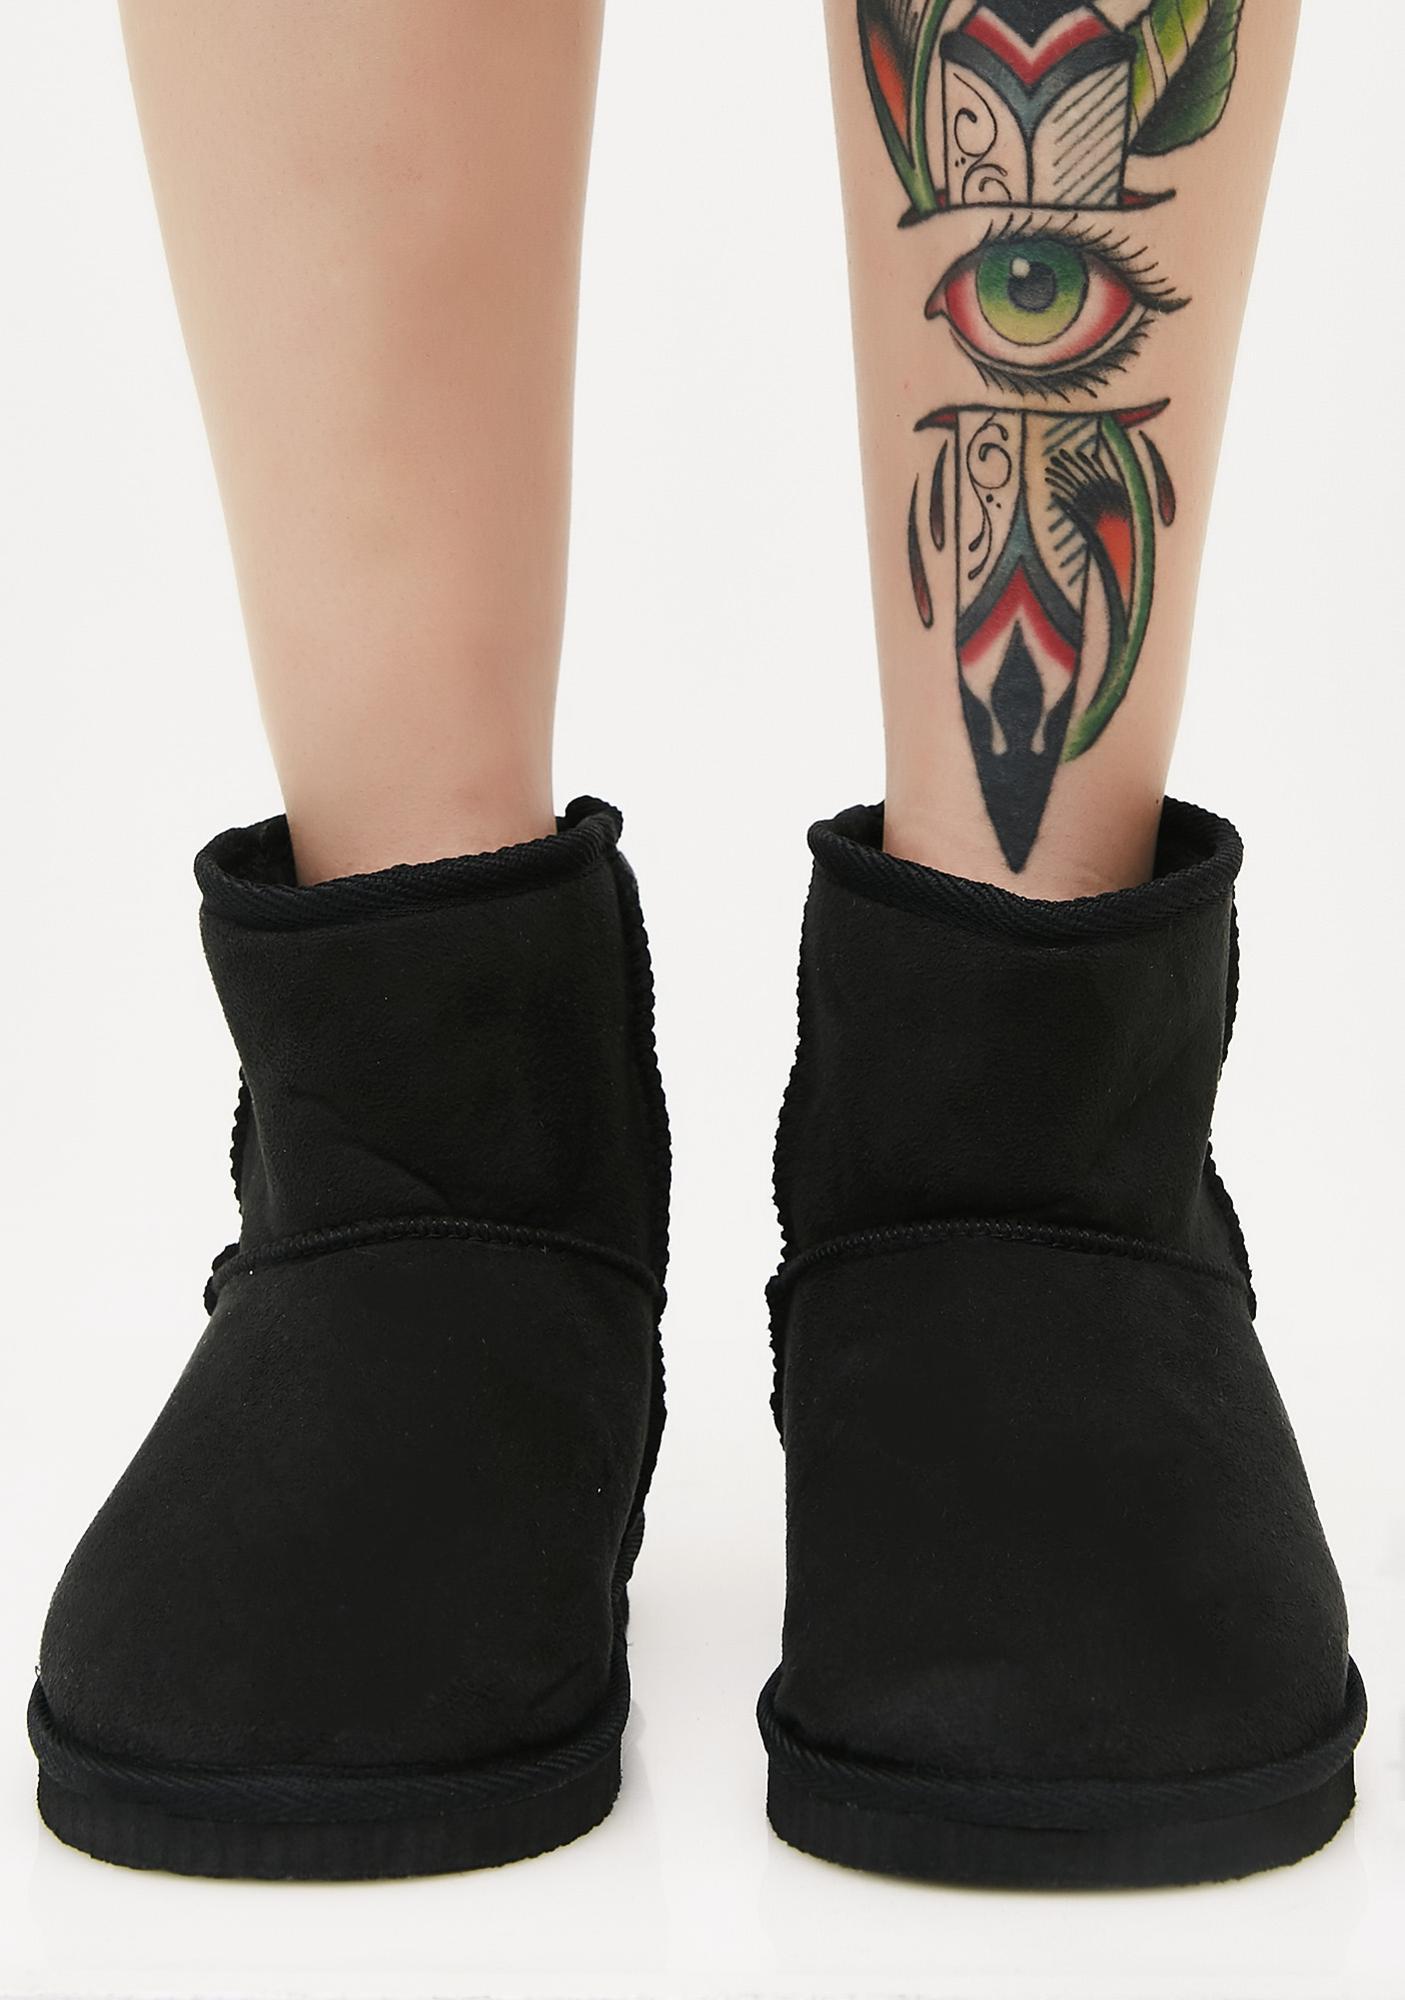 Too Comfy Slipper Boots